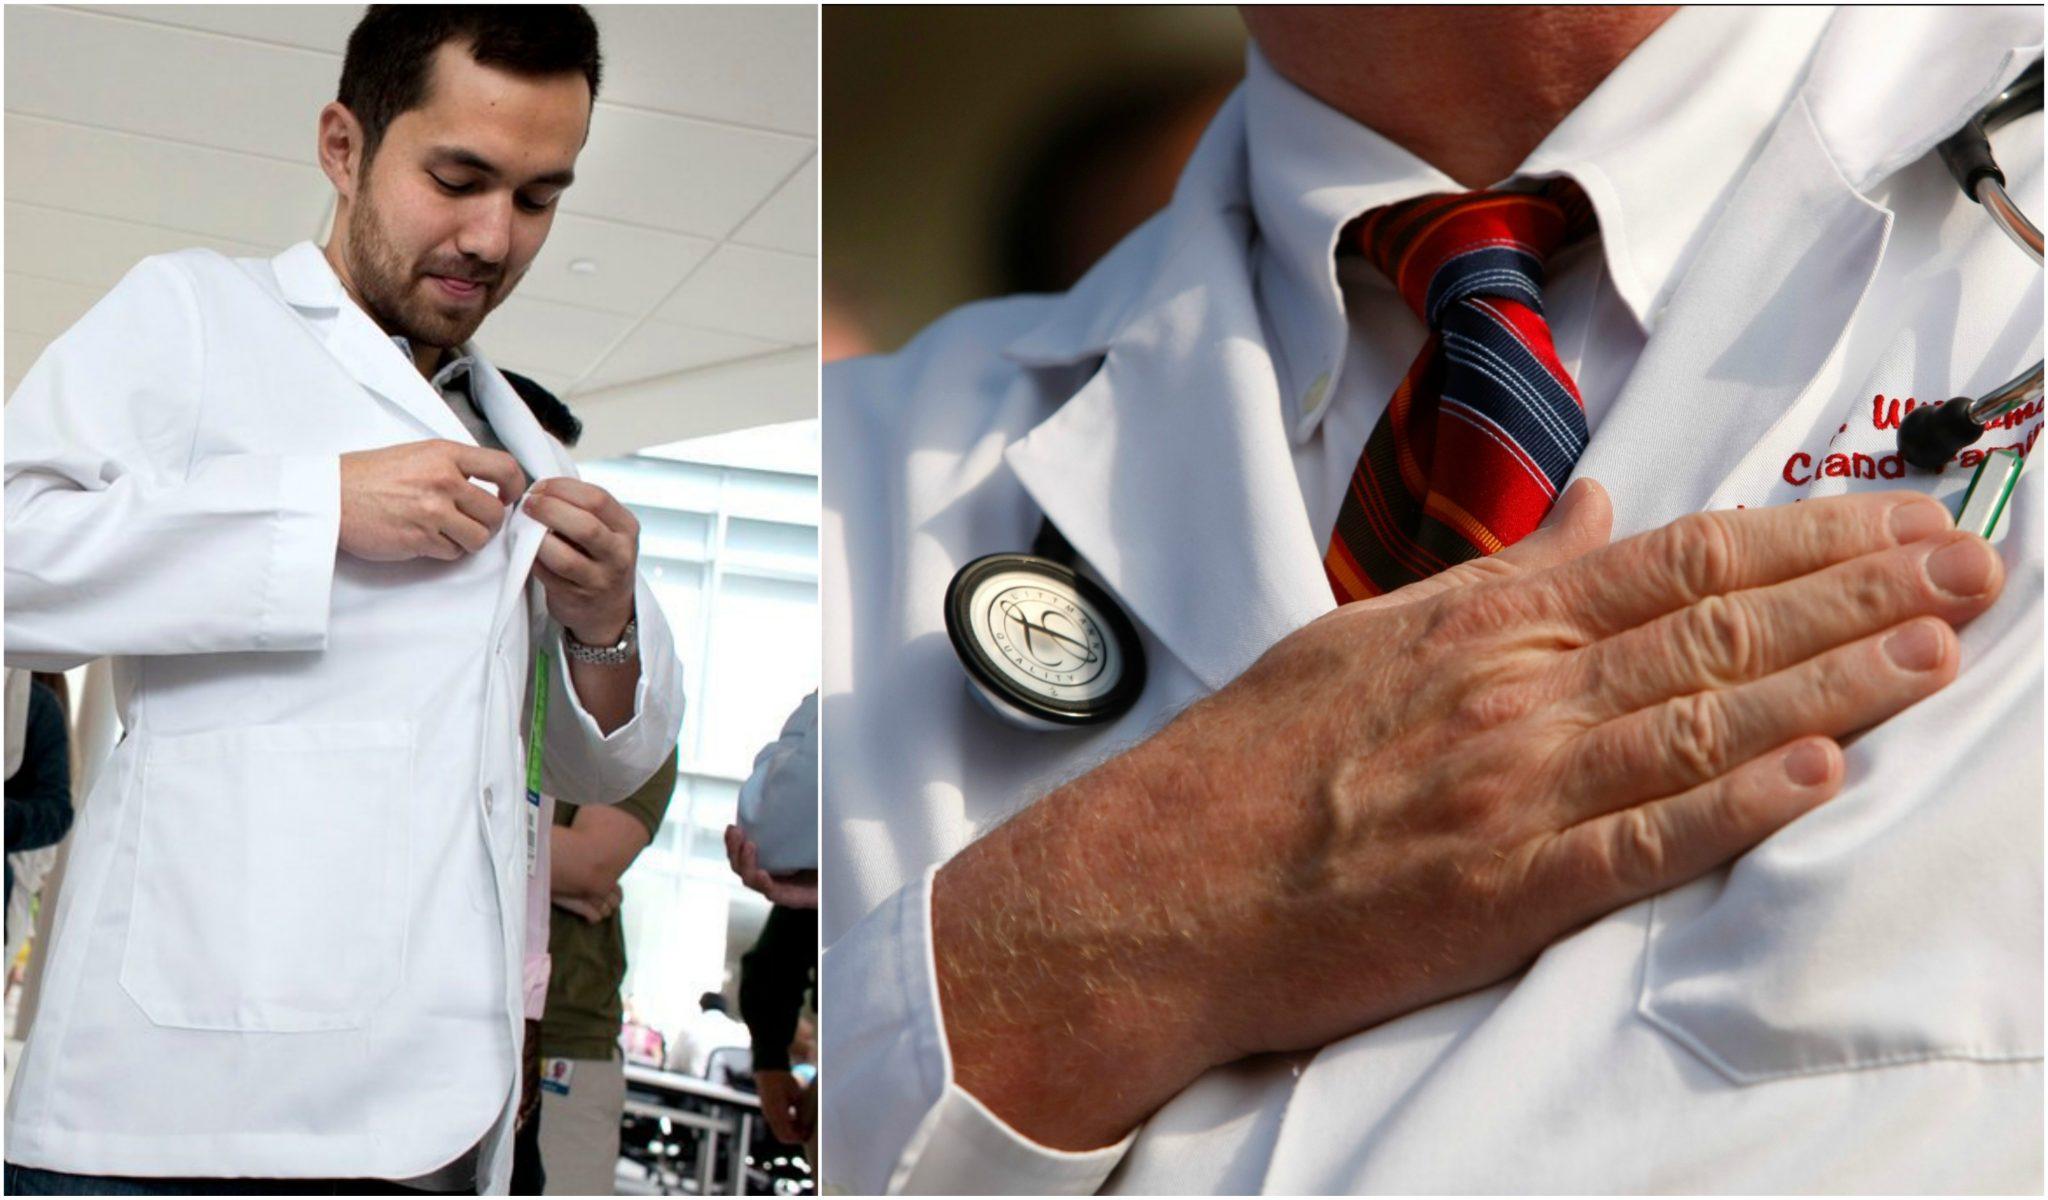 De ce doctorii poarta halate albe